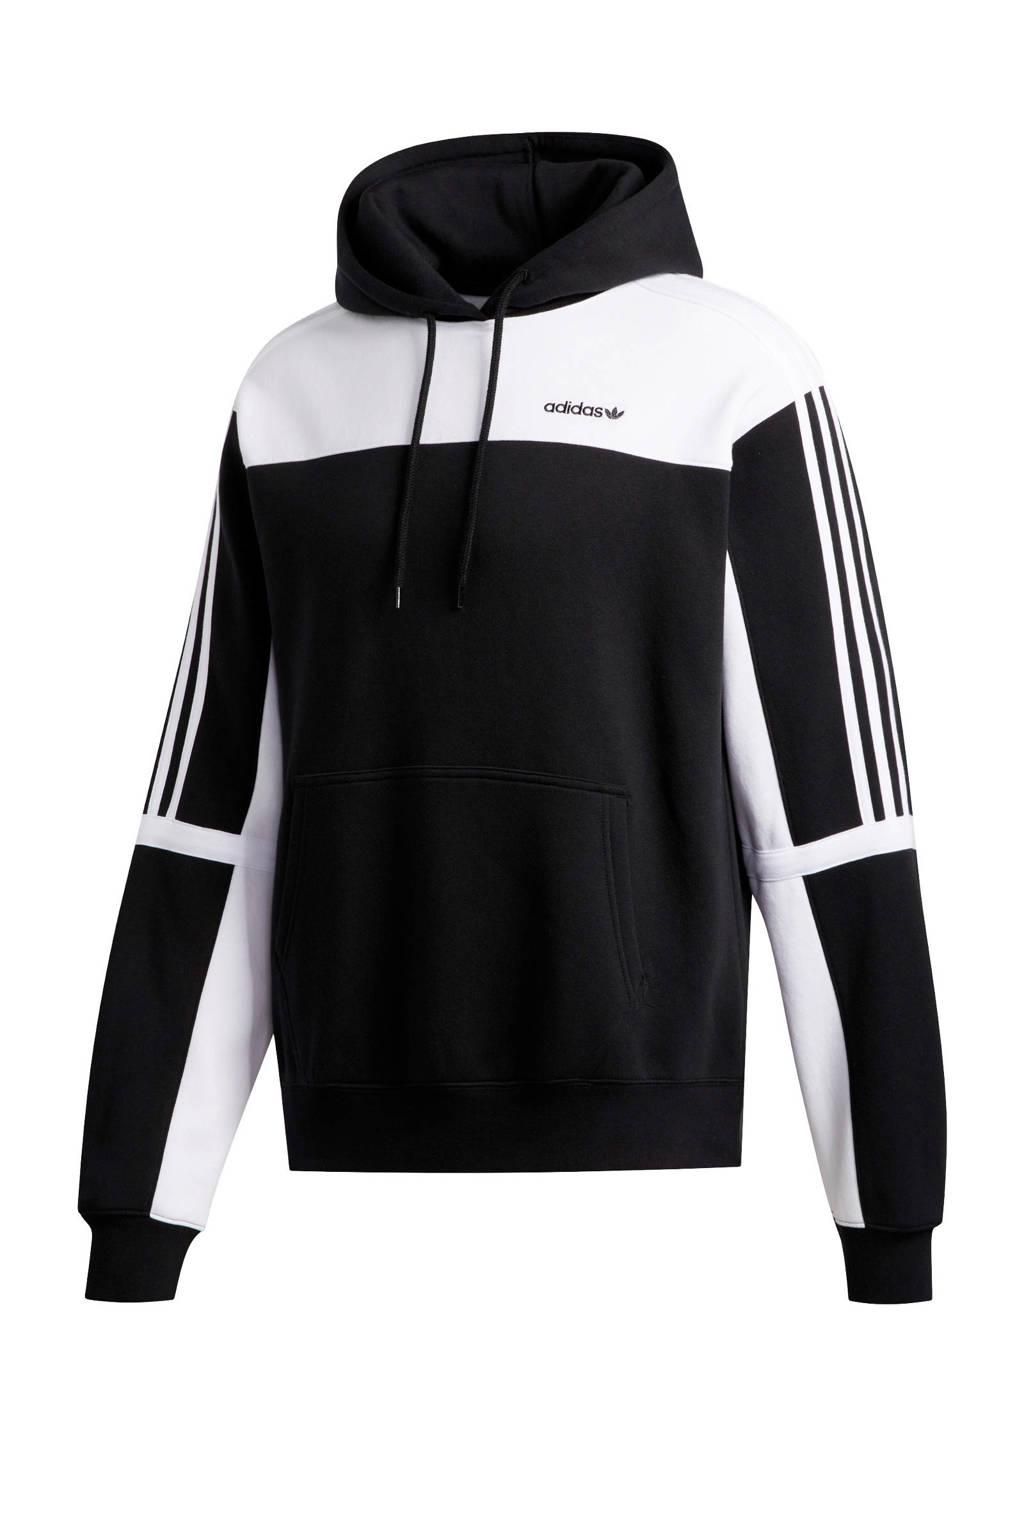 adidas Originals sweater zwart/wit, Zwart/wit